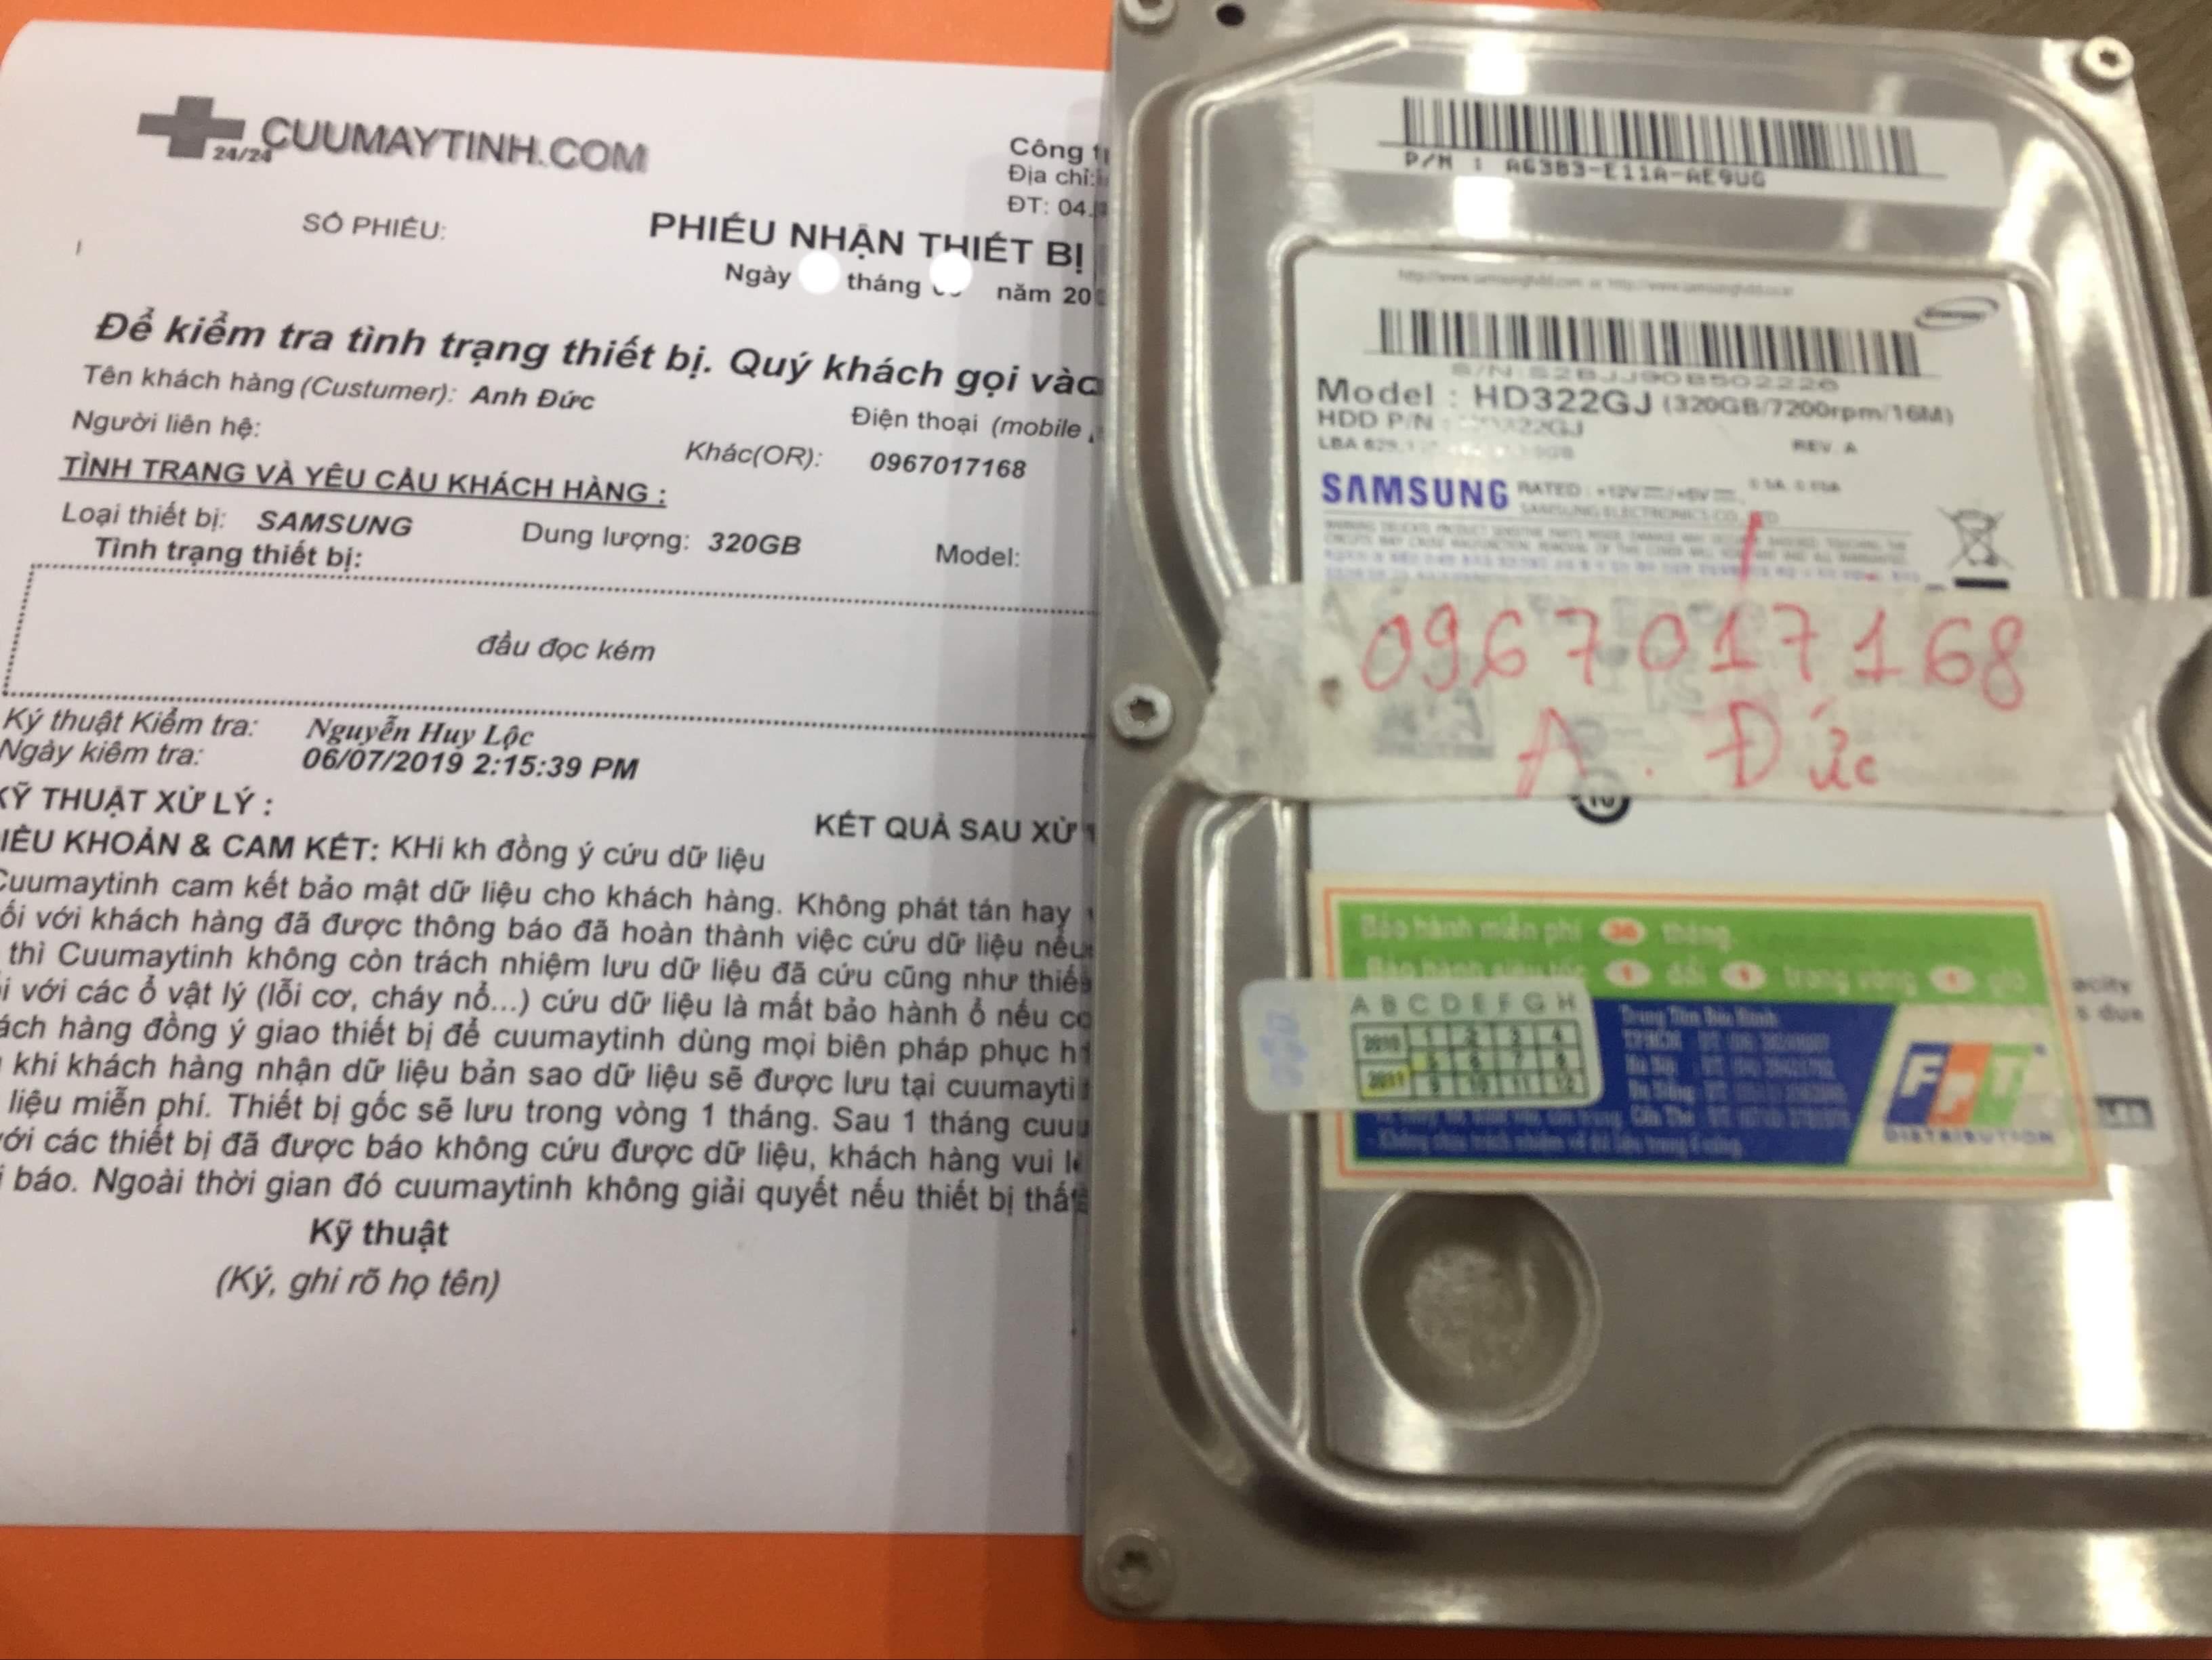 Cứu dữ liệu ổ cứng Samsung 320GB đầu đọc kém 08/07/2019 - cuumaytinh